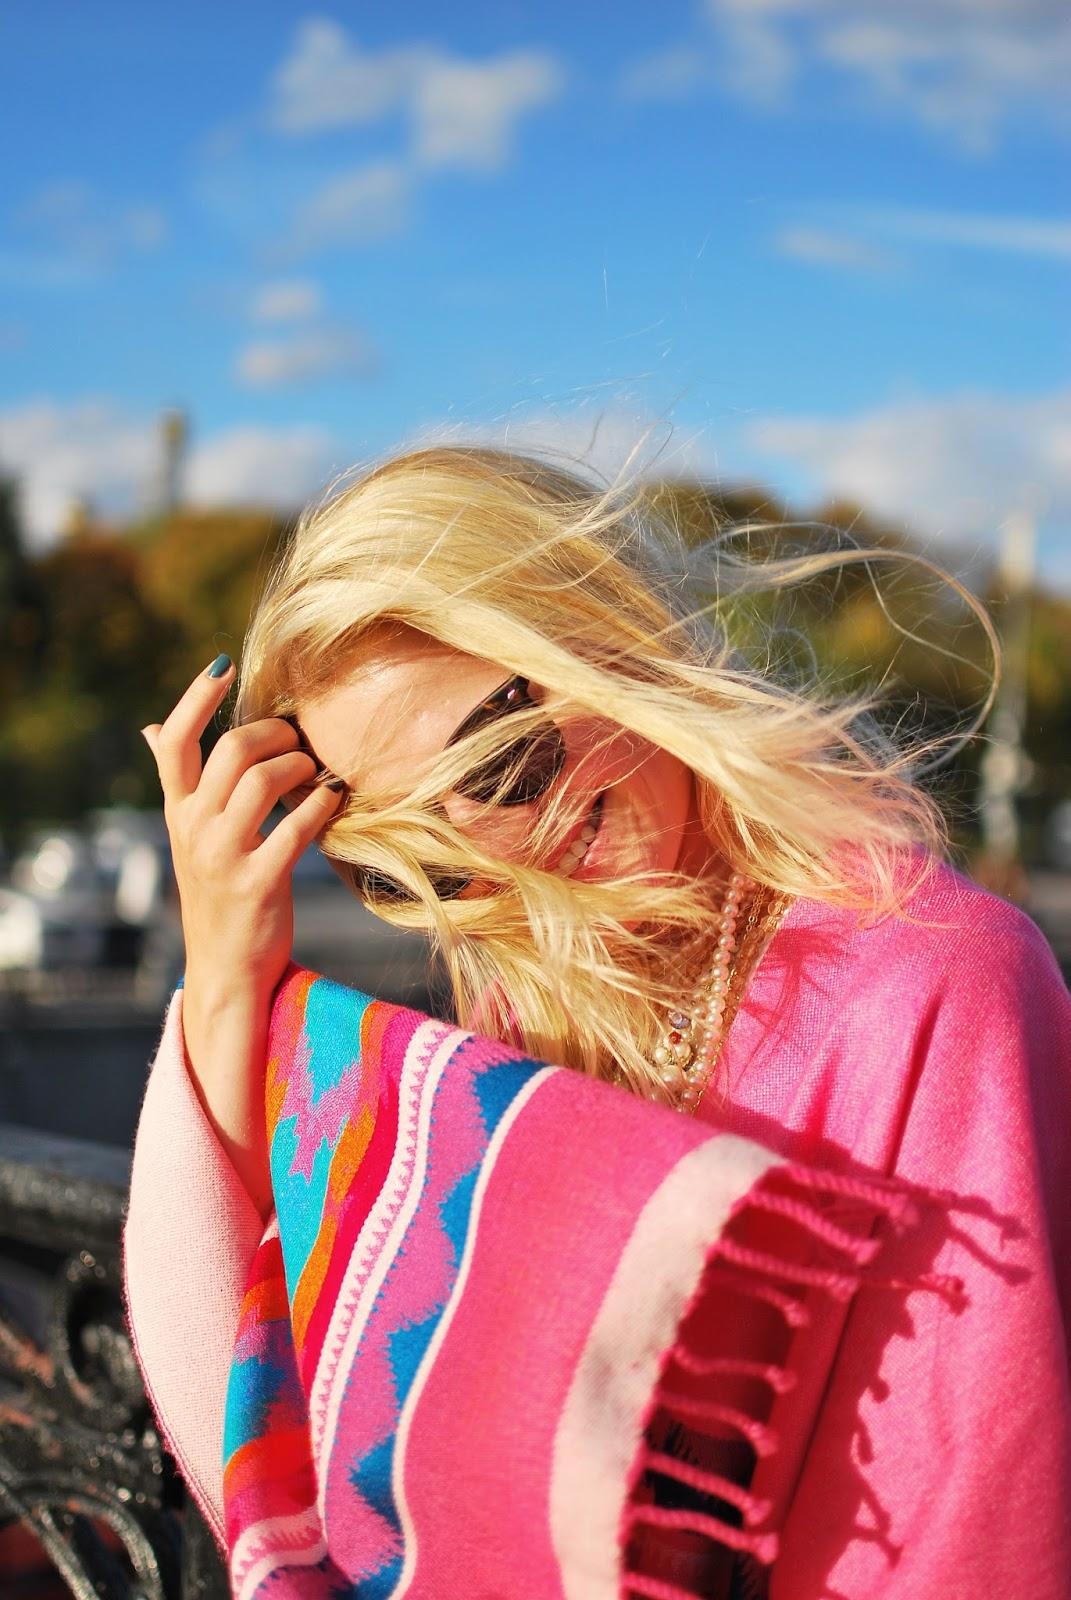 лучшие блогеры, уличная мода 2016, что носить осенью, фэшн блог